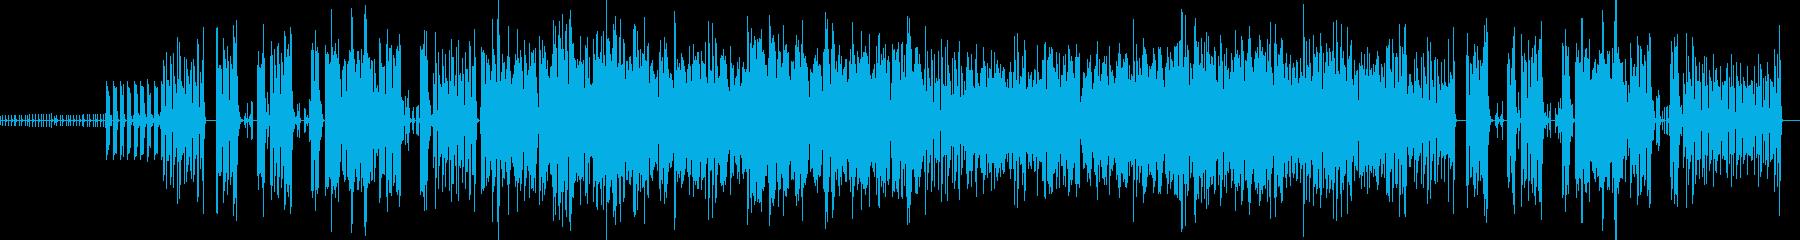 ピアノとビブラホーンの陽気なラテンジャズの再生済みの波形